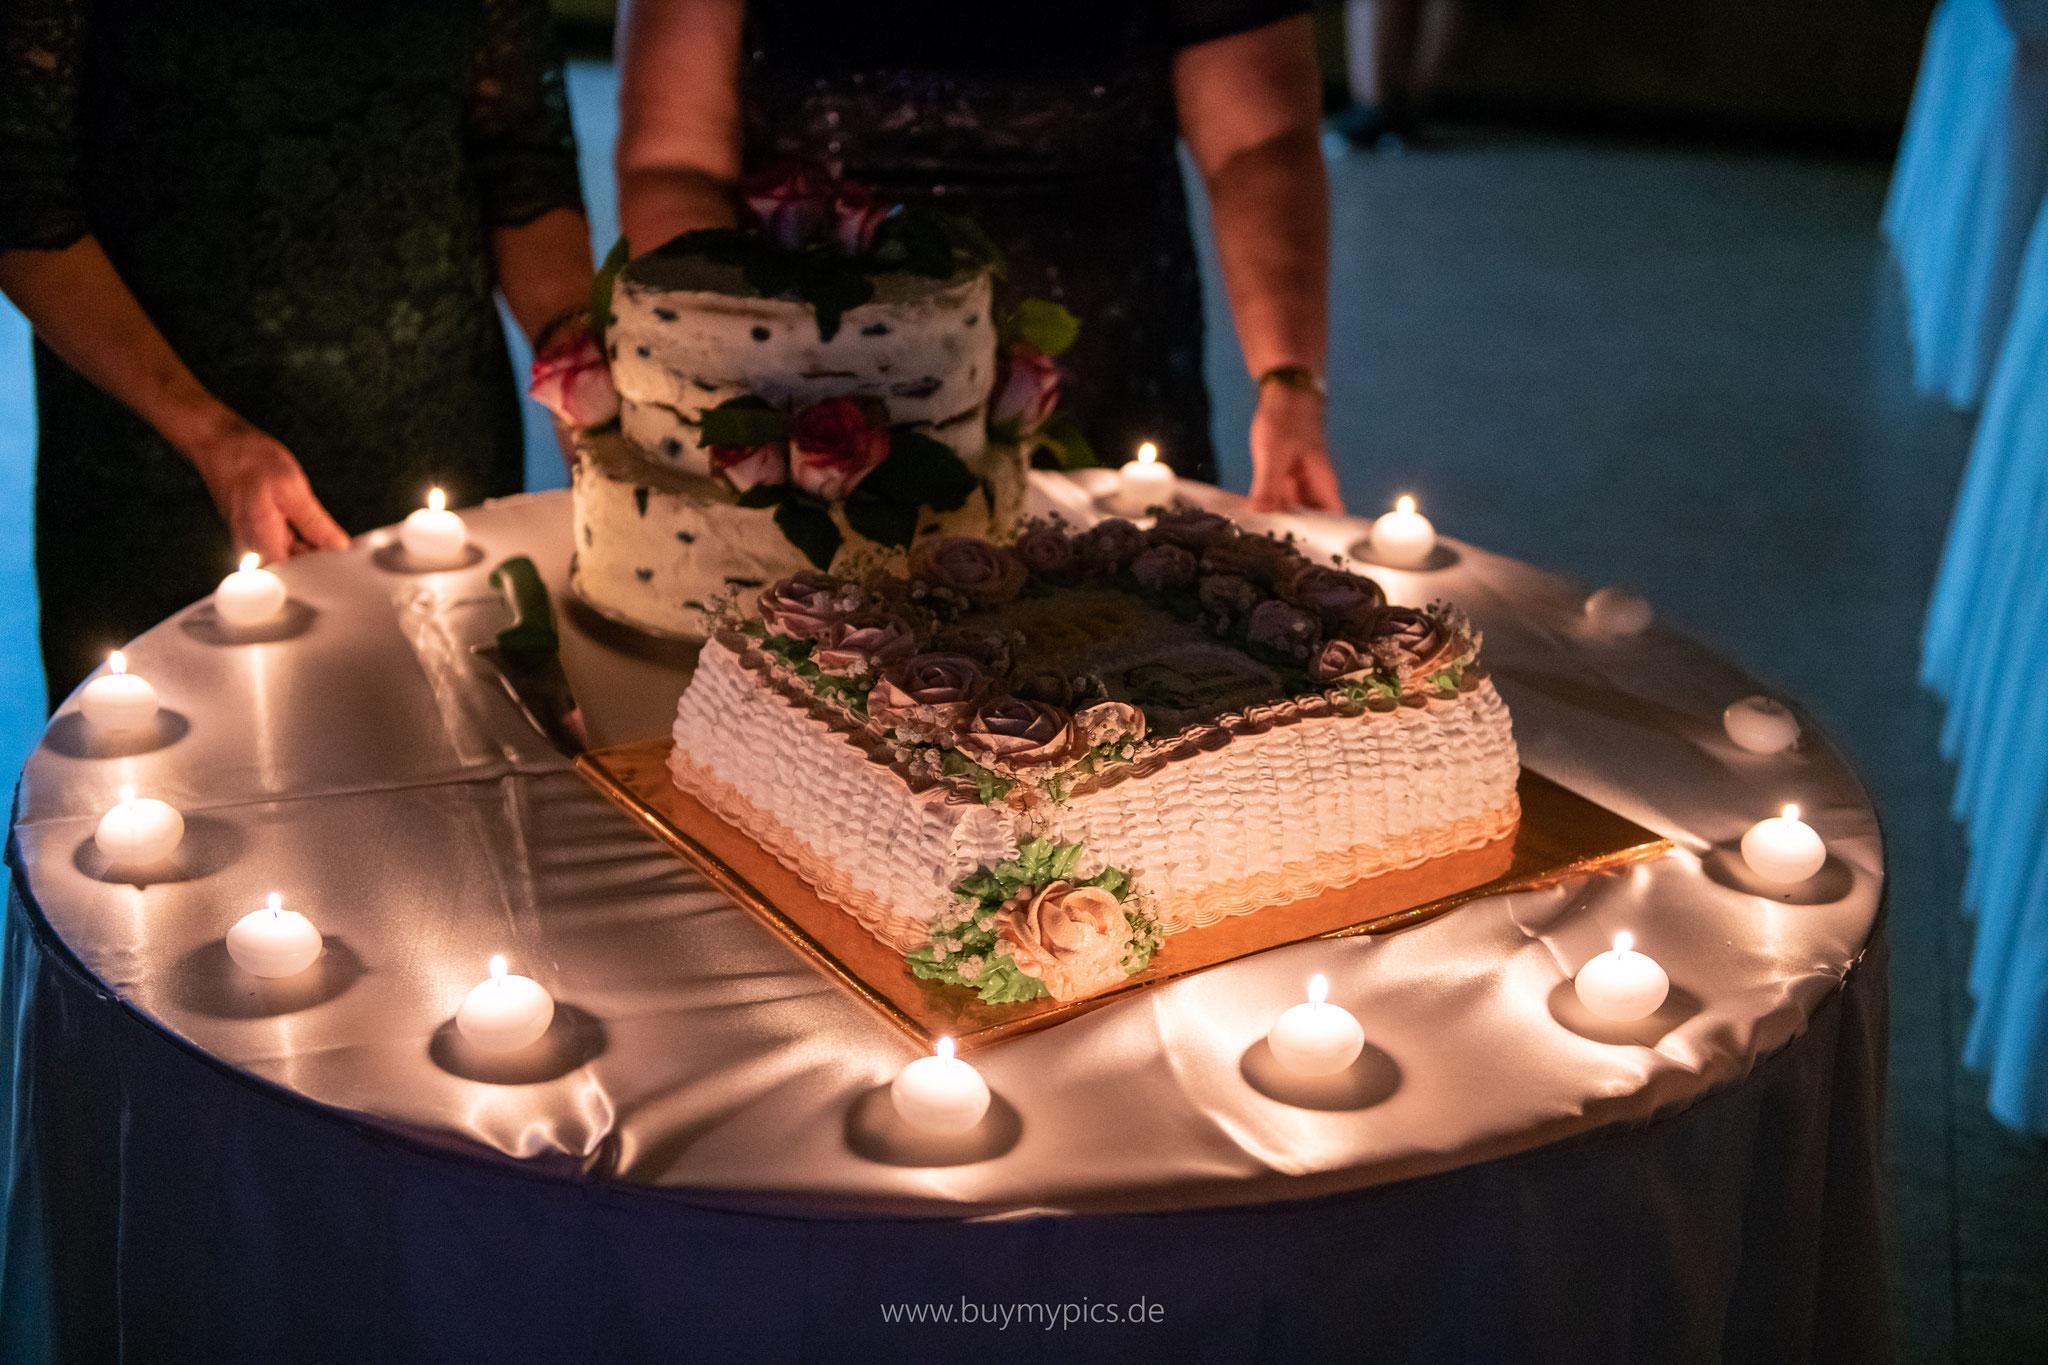 Professioneller Fotograf mit Ausrüstung für Foto und Video an Ihrem Geburtstag in Greifenstein und Umgebung